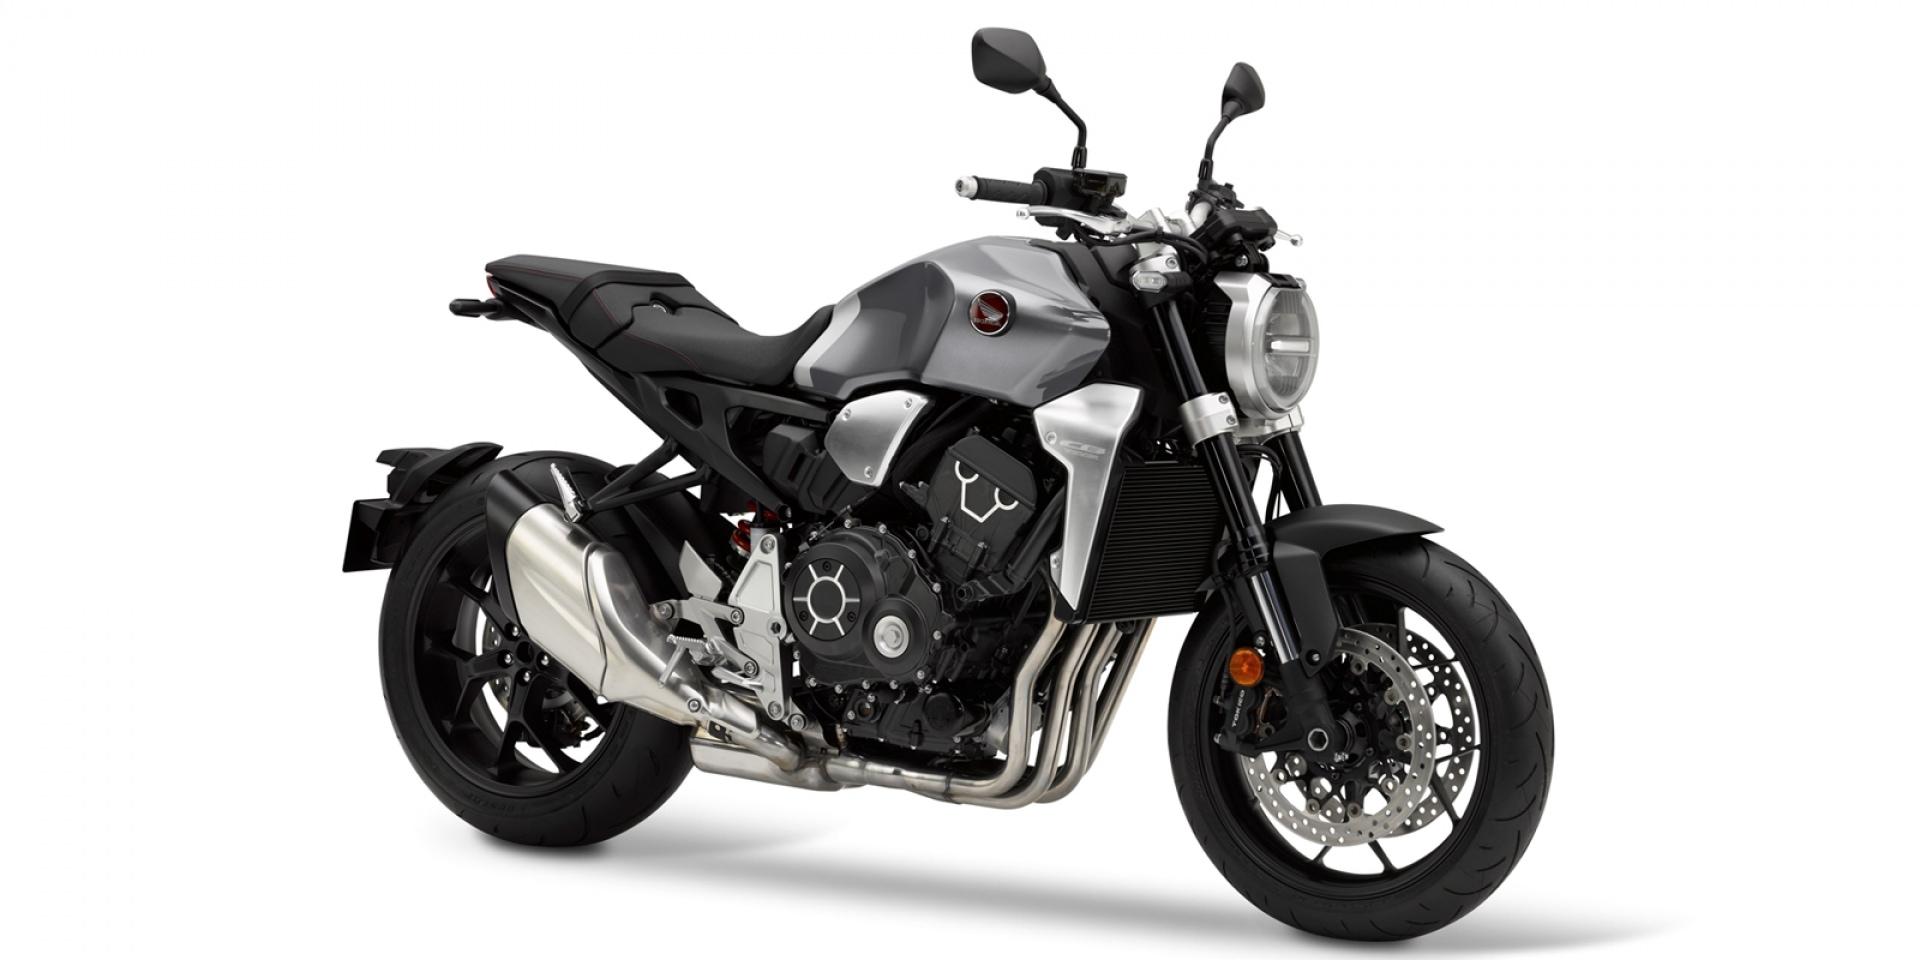 官方新聞稿。Honda Motorcycle 2019年式新色車款展示活動